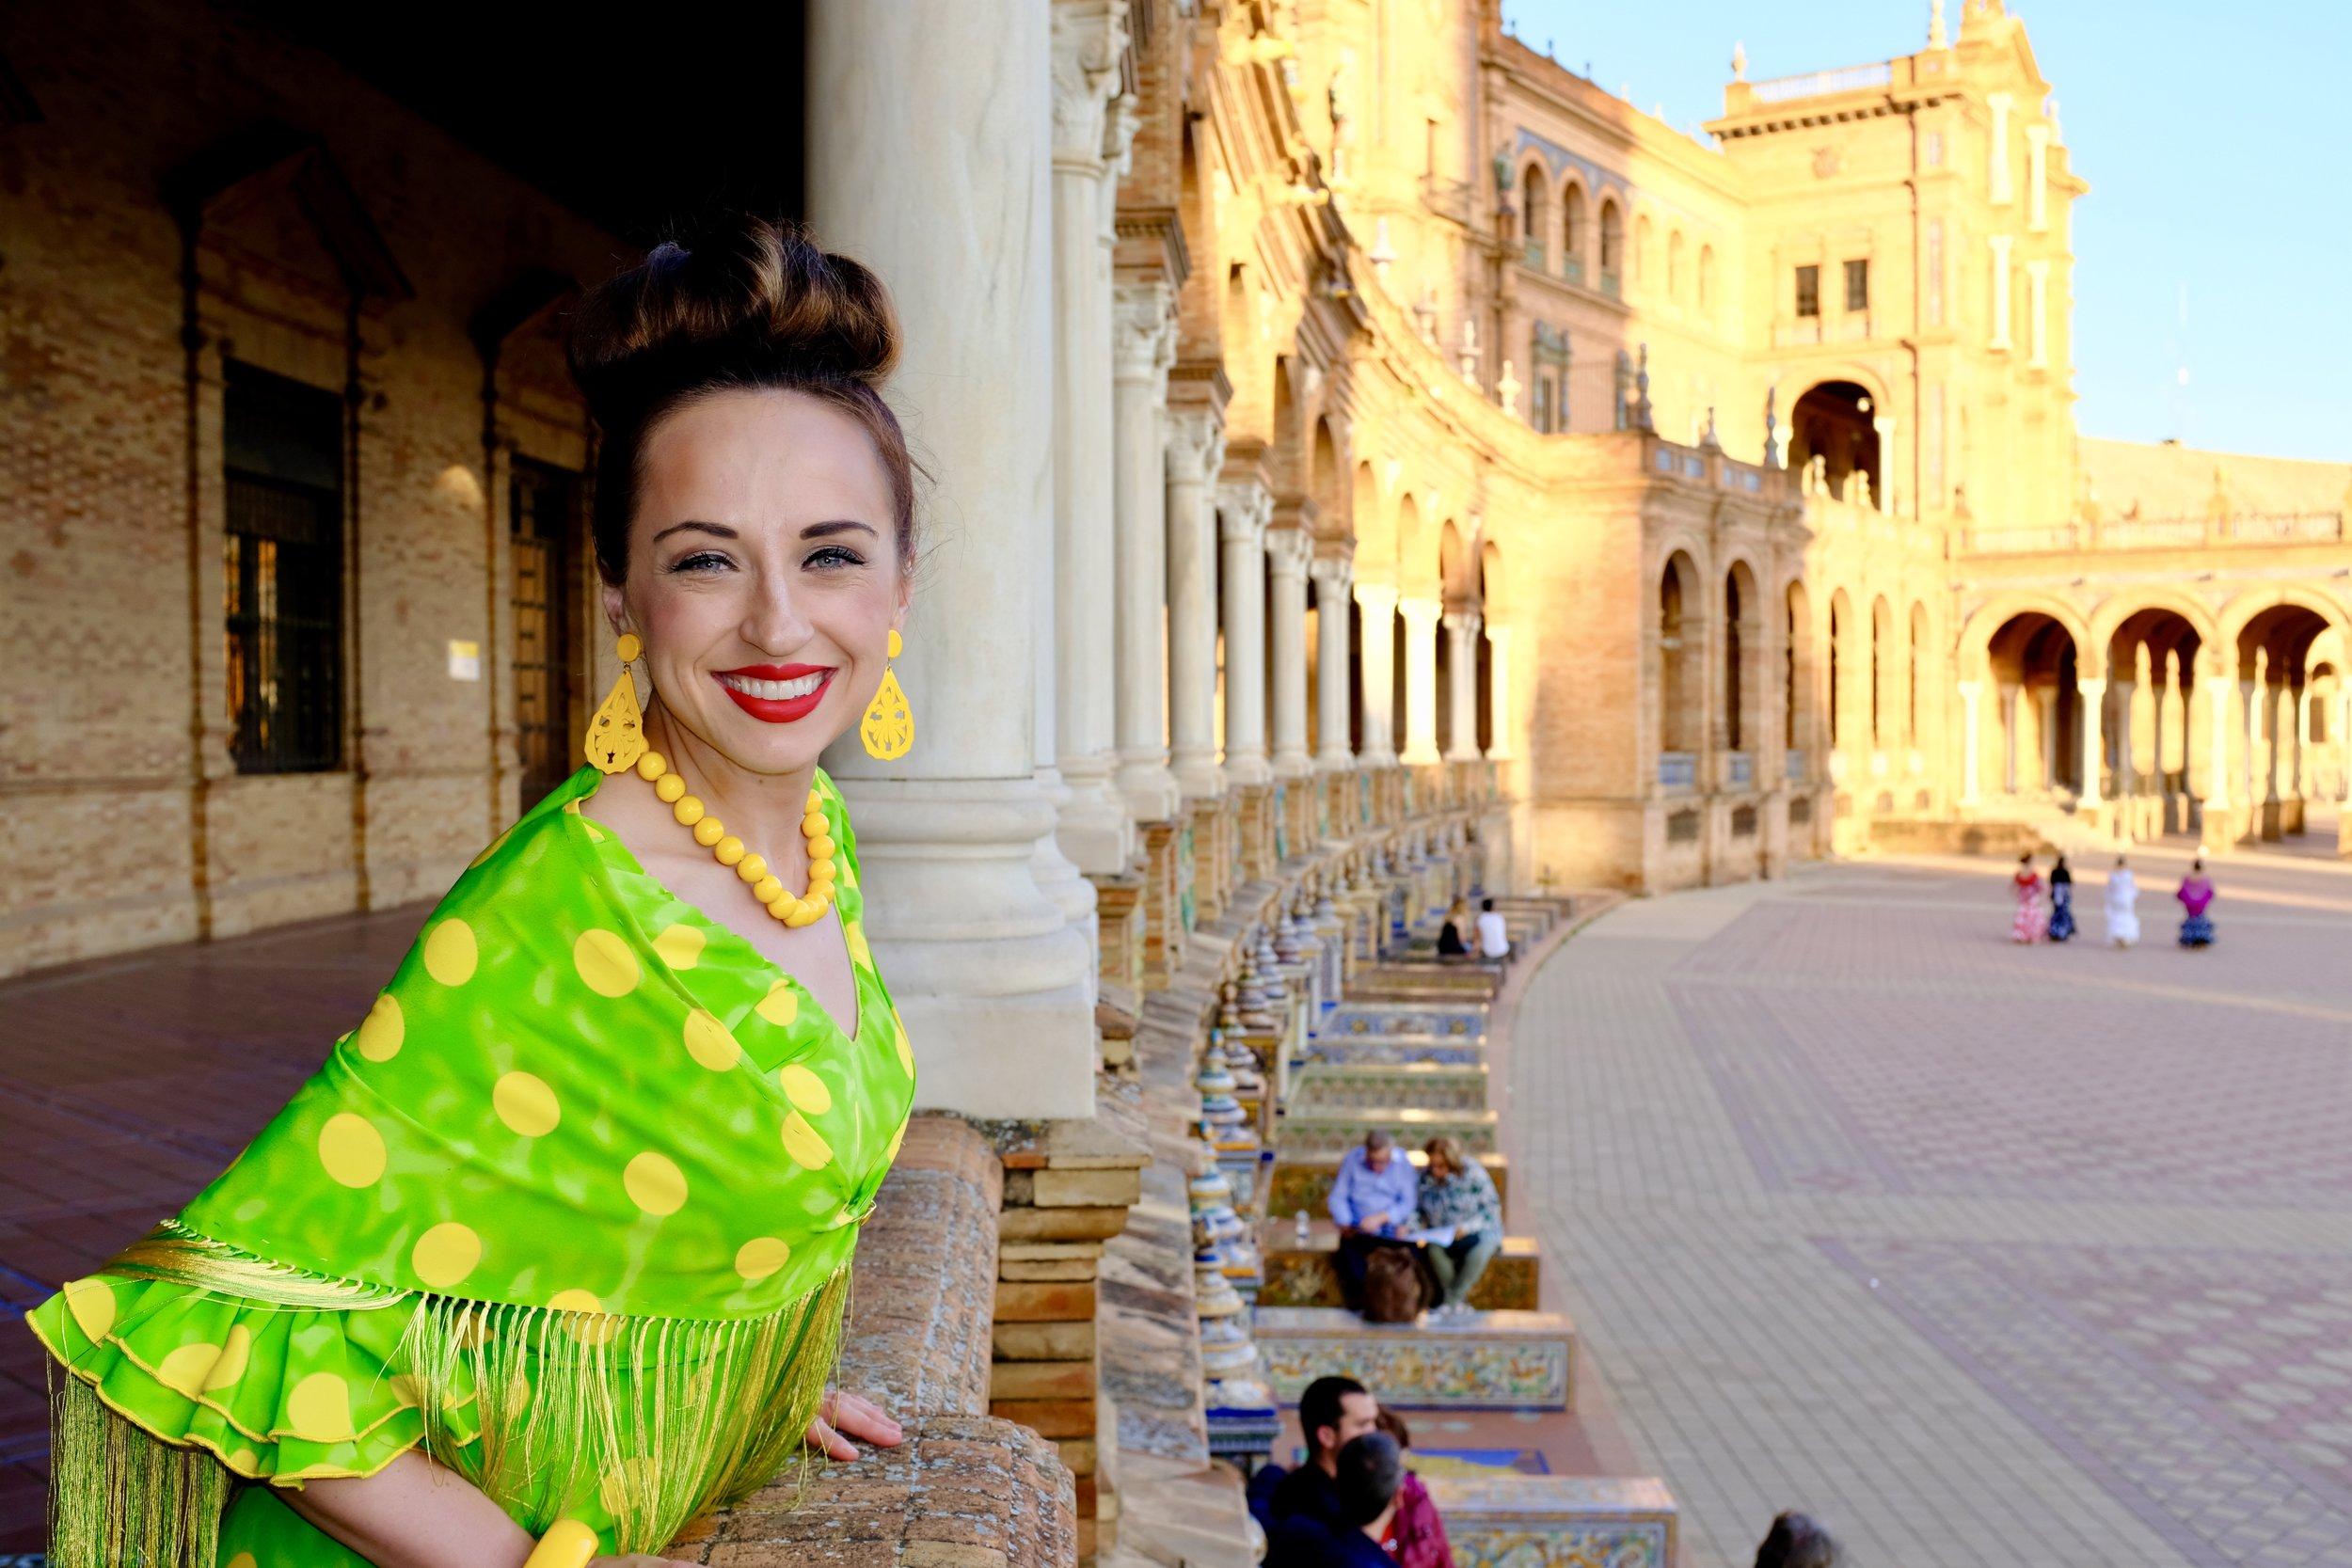 Plaza de España_Feria de Abril_City Nibbler_Seville